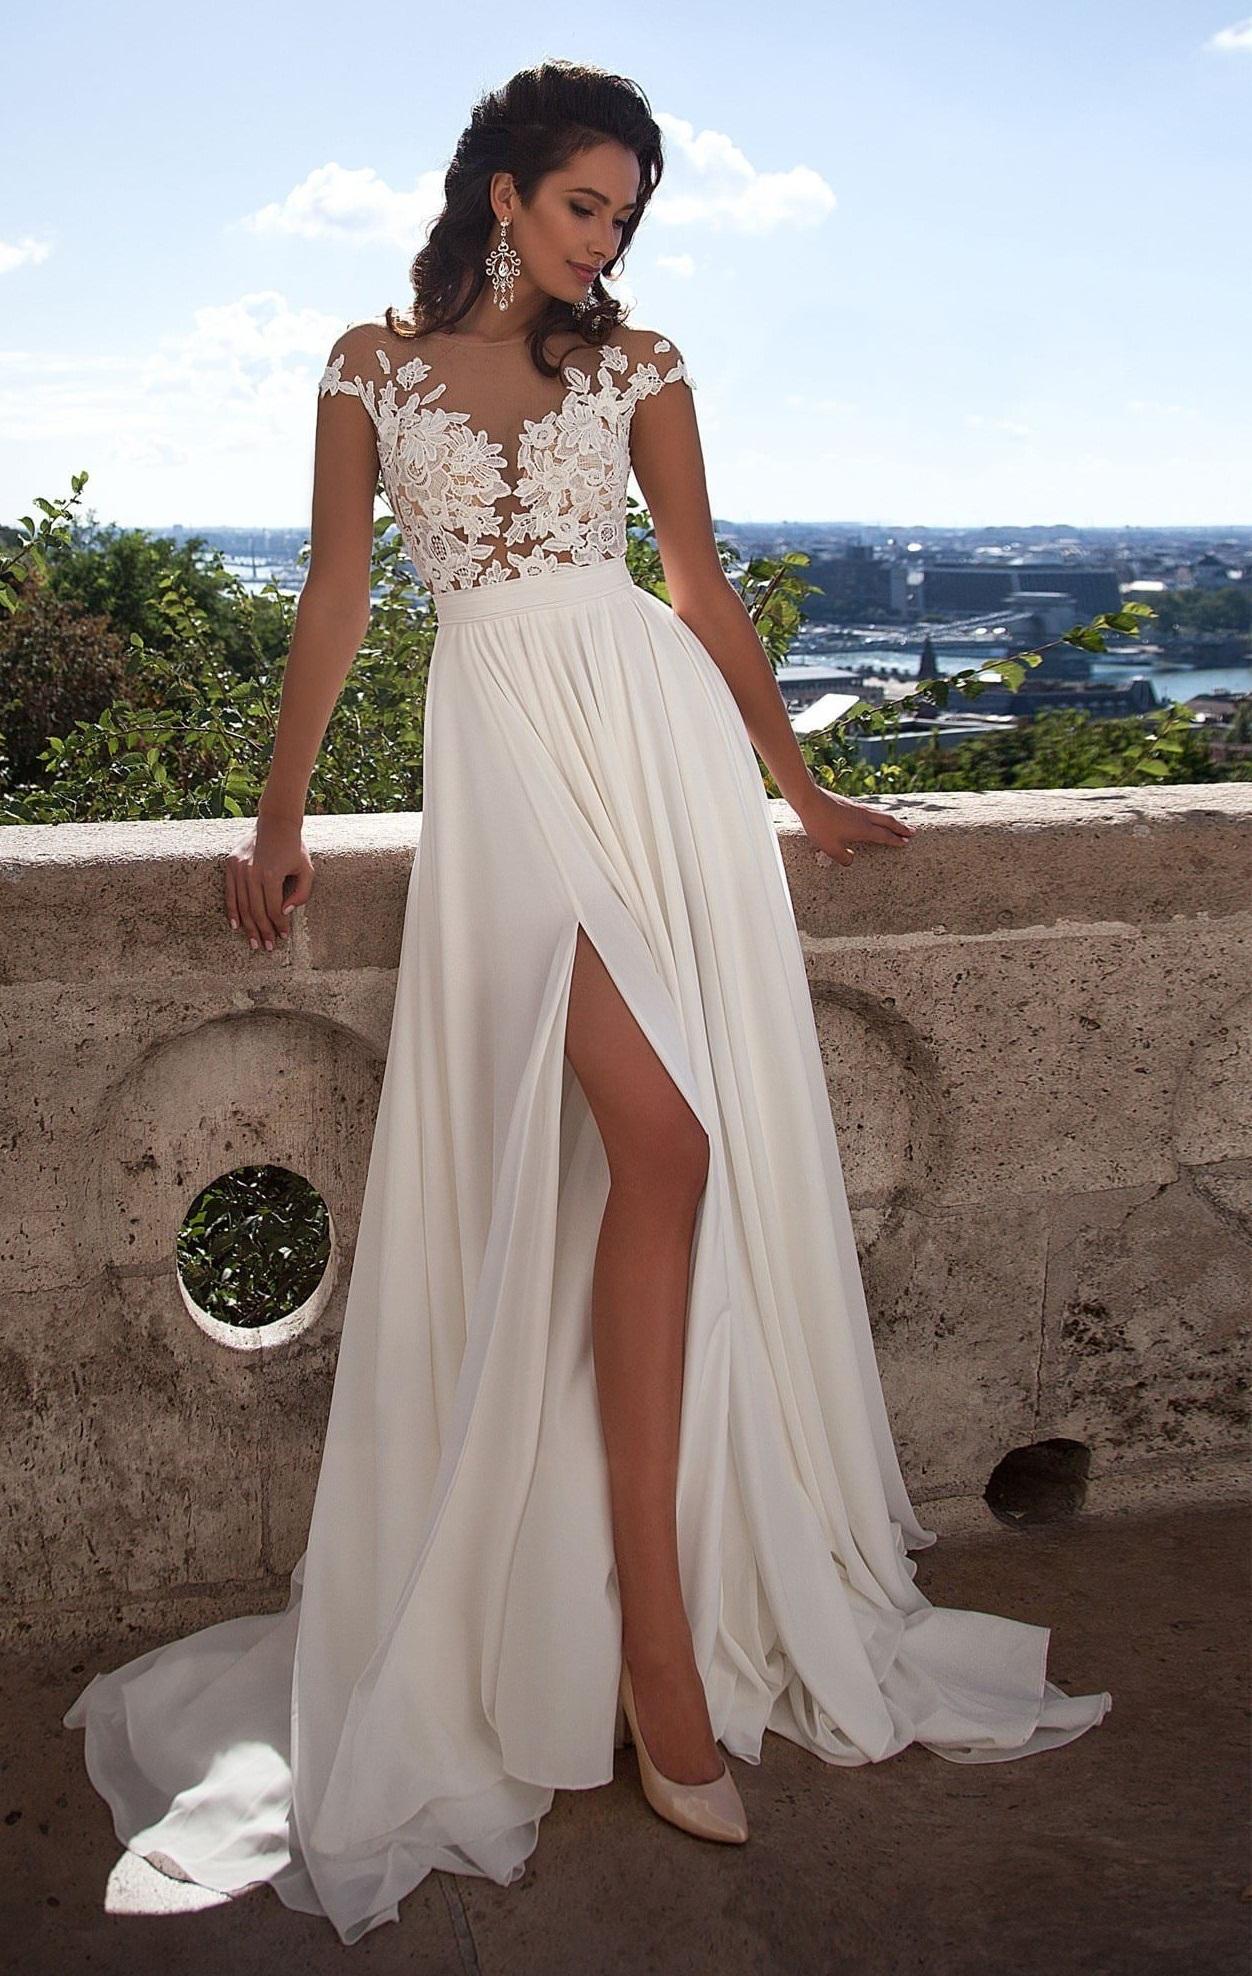 4368a6ba875 Свадебные платья в греческом стиле Ампир купить в Подольске